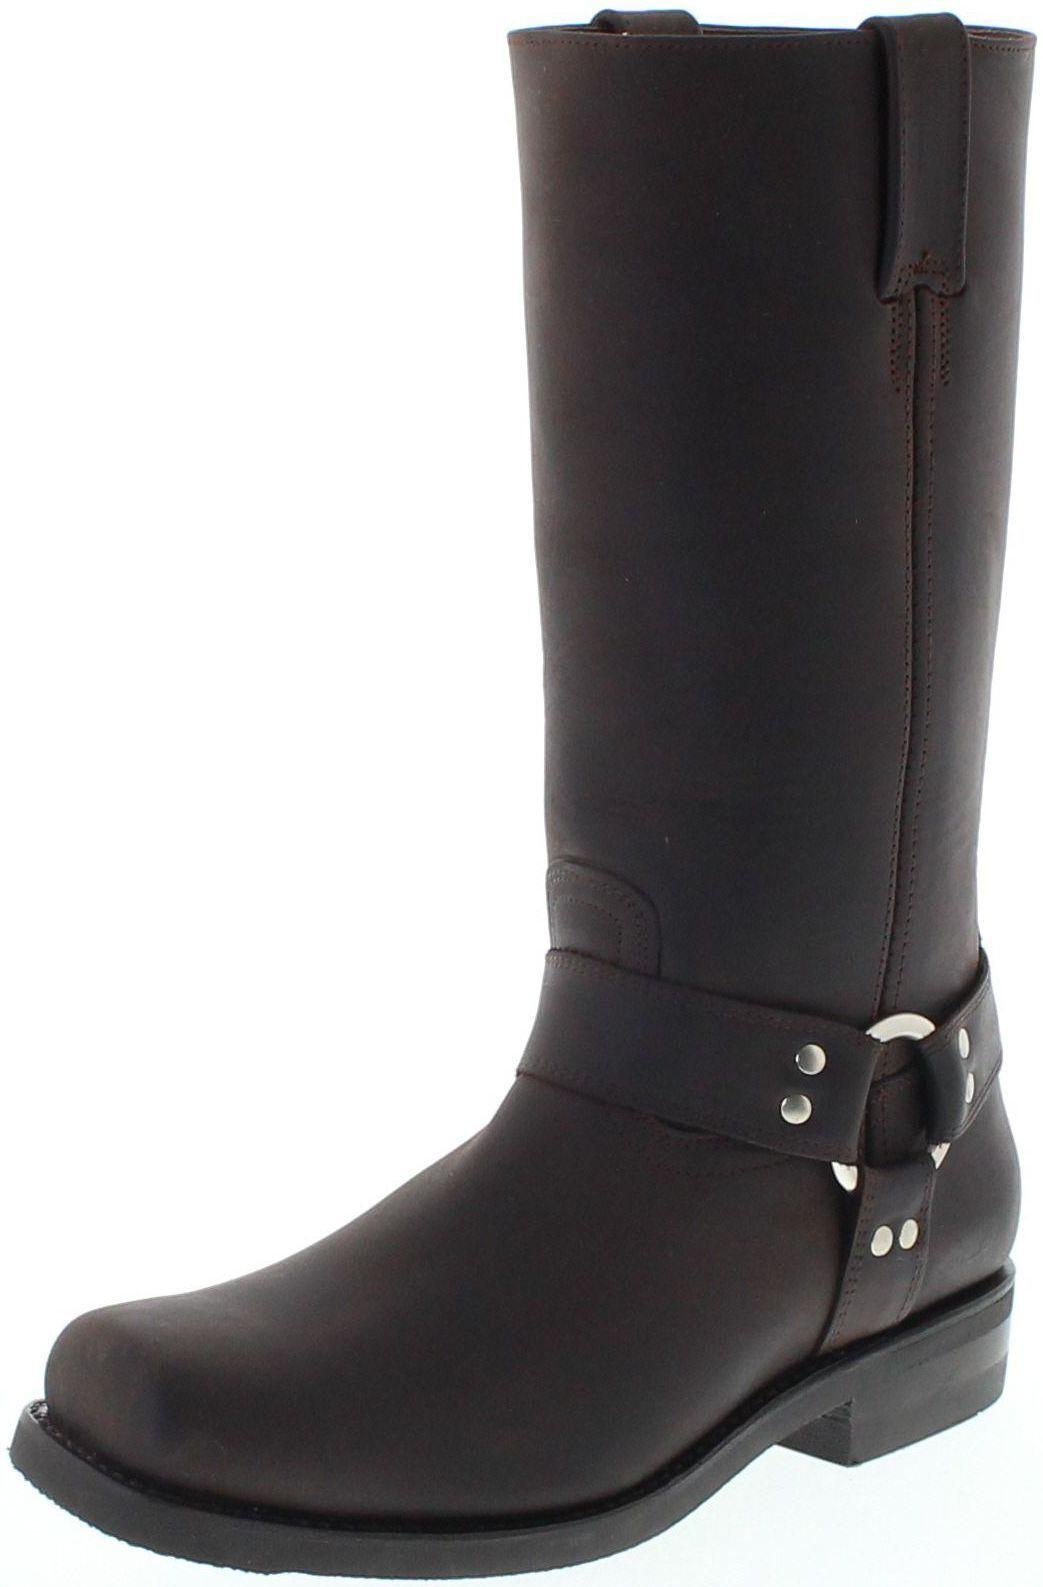 economico in alta qualità Prime stivali 44330 Espanol Stivali Stivali Stivali di pelle per signore e signori Marrone Biker Stivali  promozioni